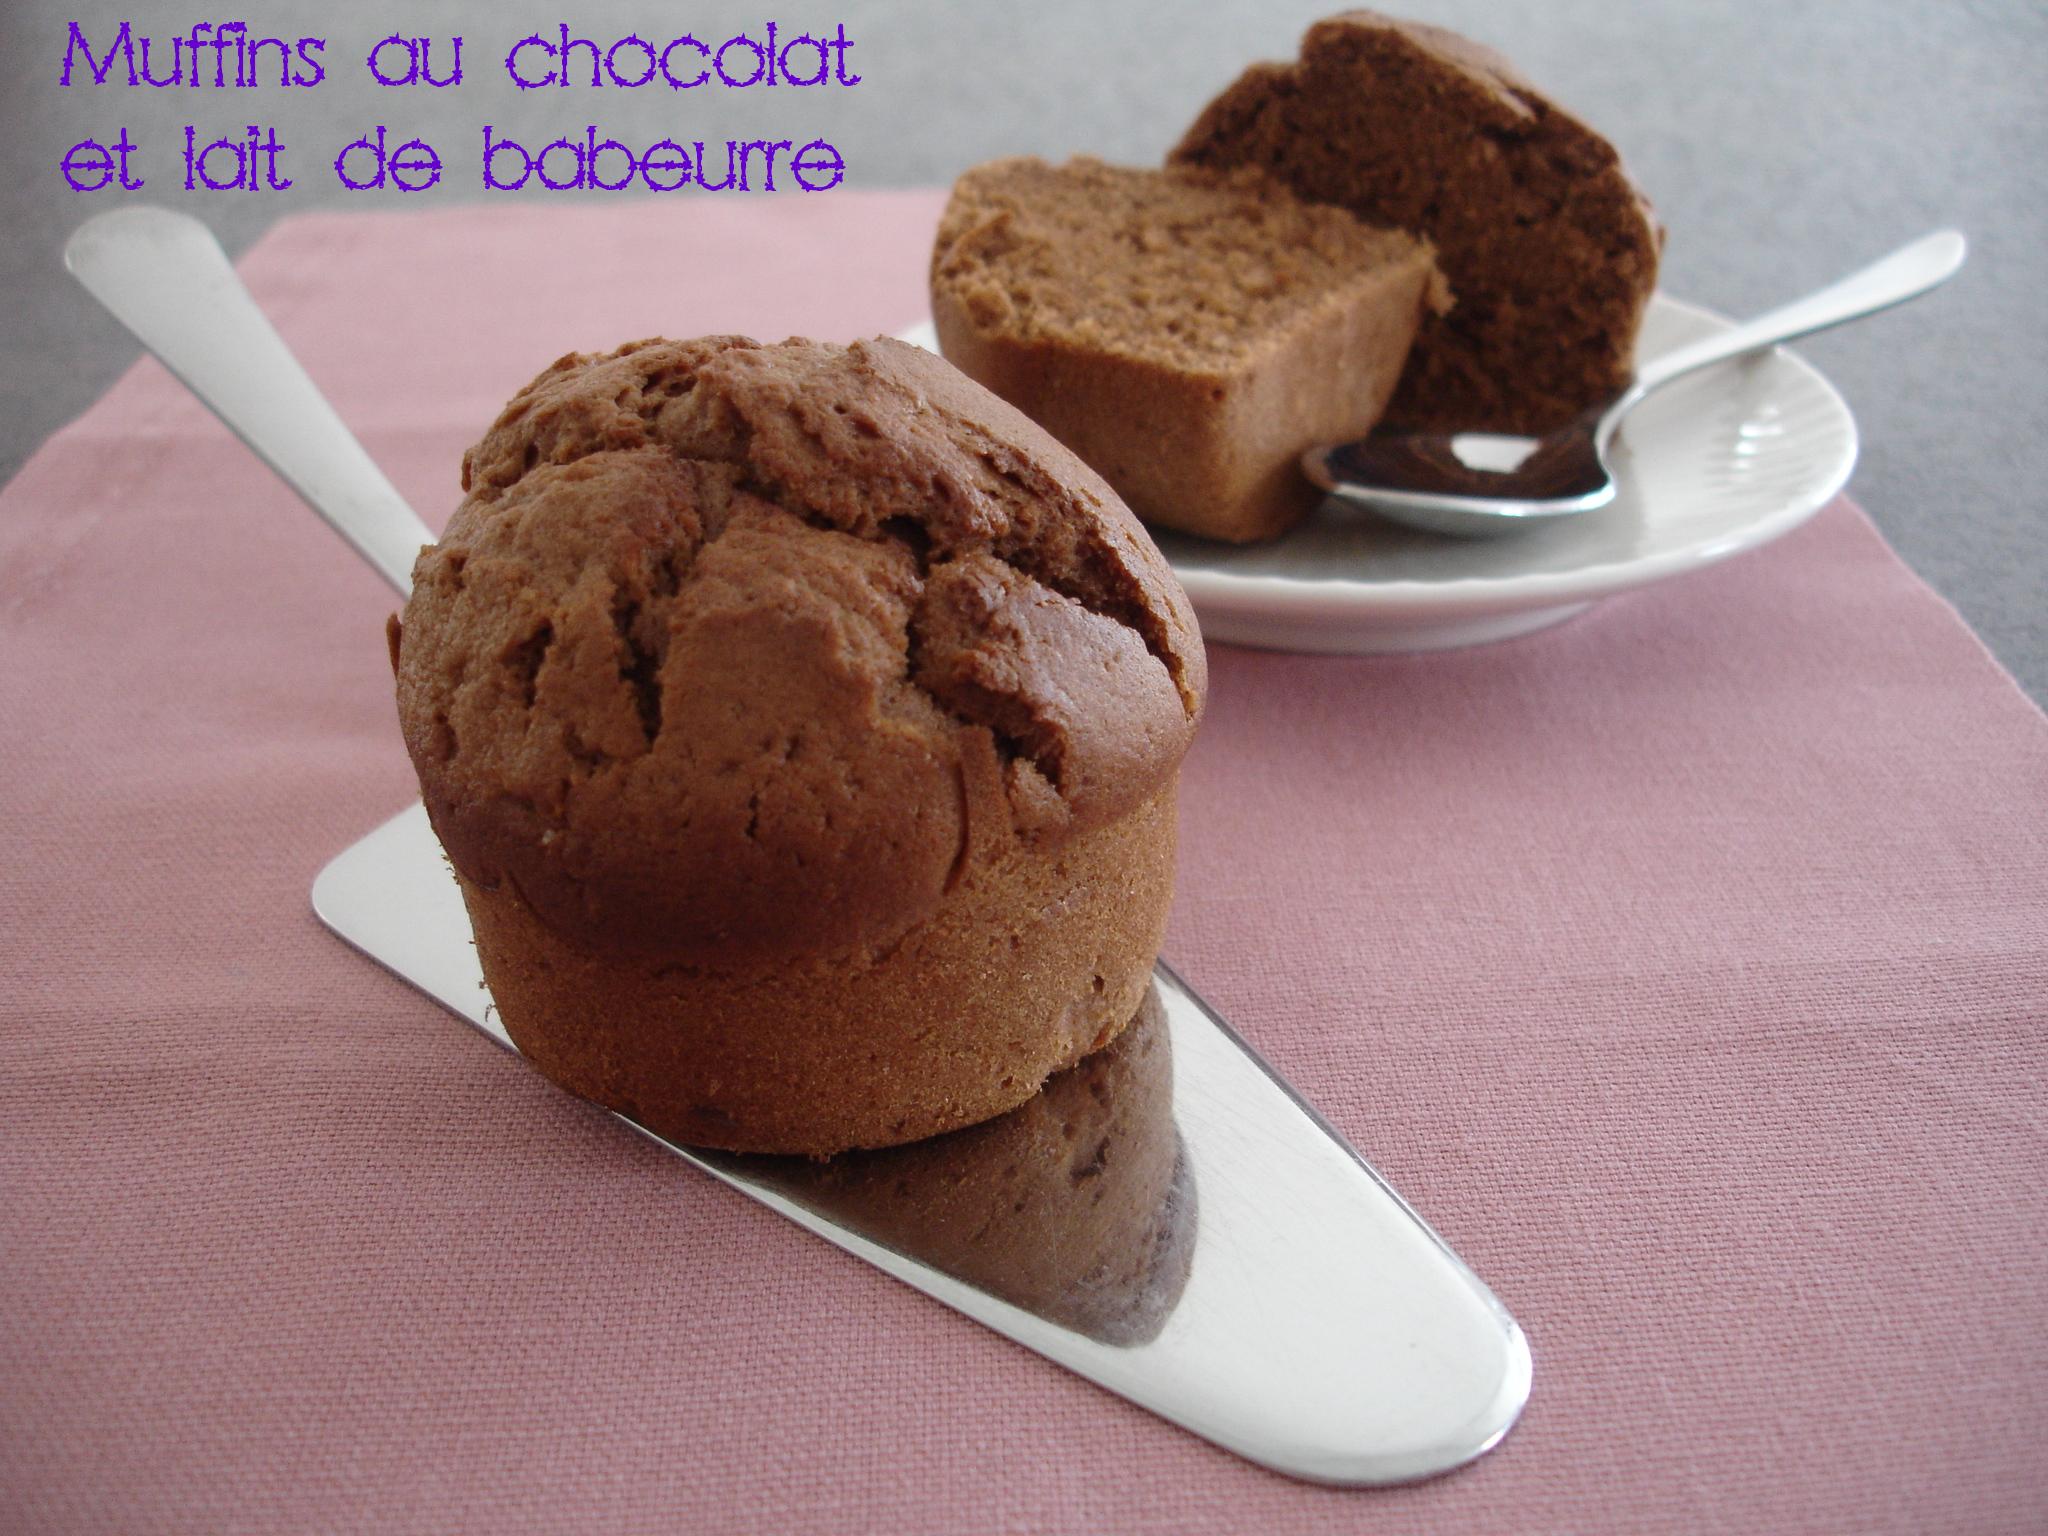 muffins au chocolat et lait de babeurre ribot iben ferment plaisir et equilibre. Black Bedroom Furniture Sets. Home Design Ideas